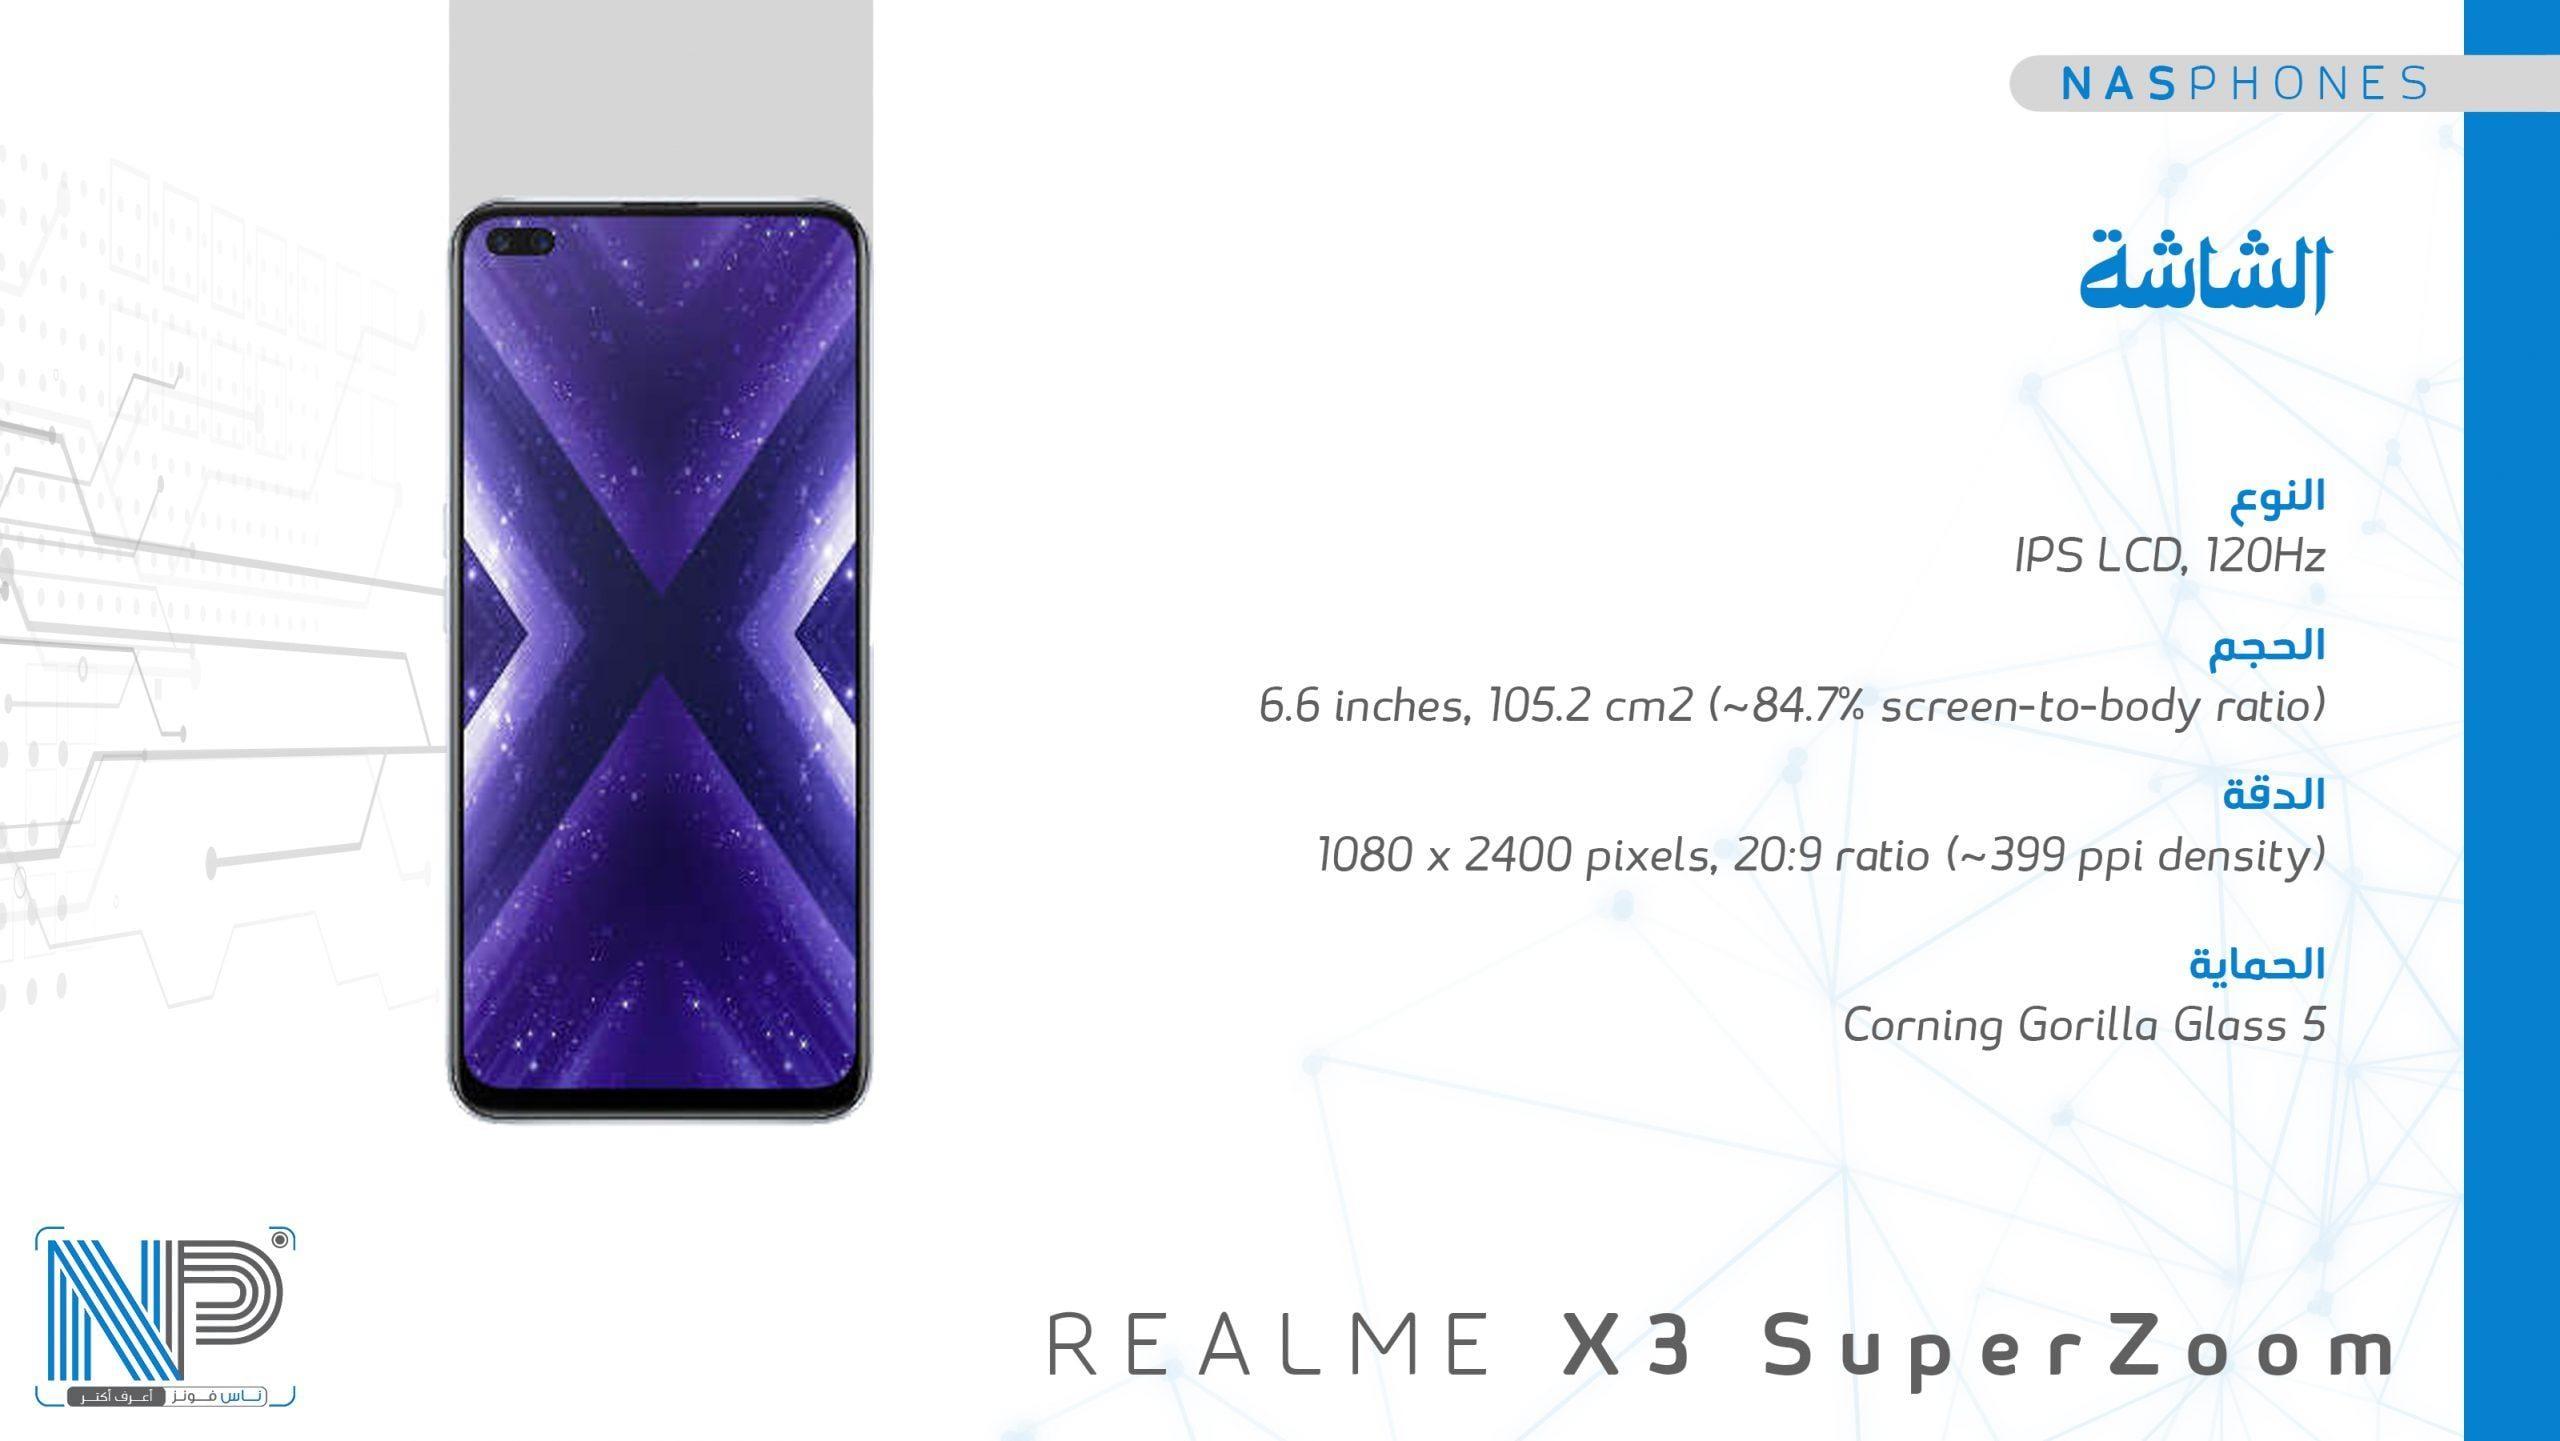 شاشة موبايل Raelme x3 super zoom